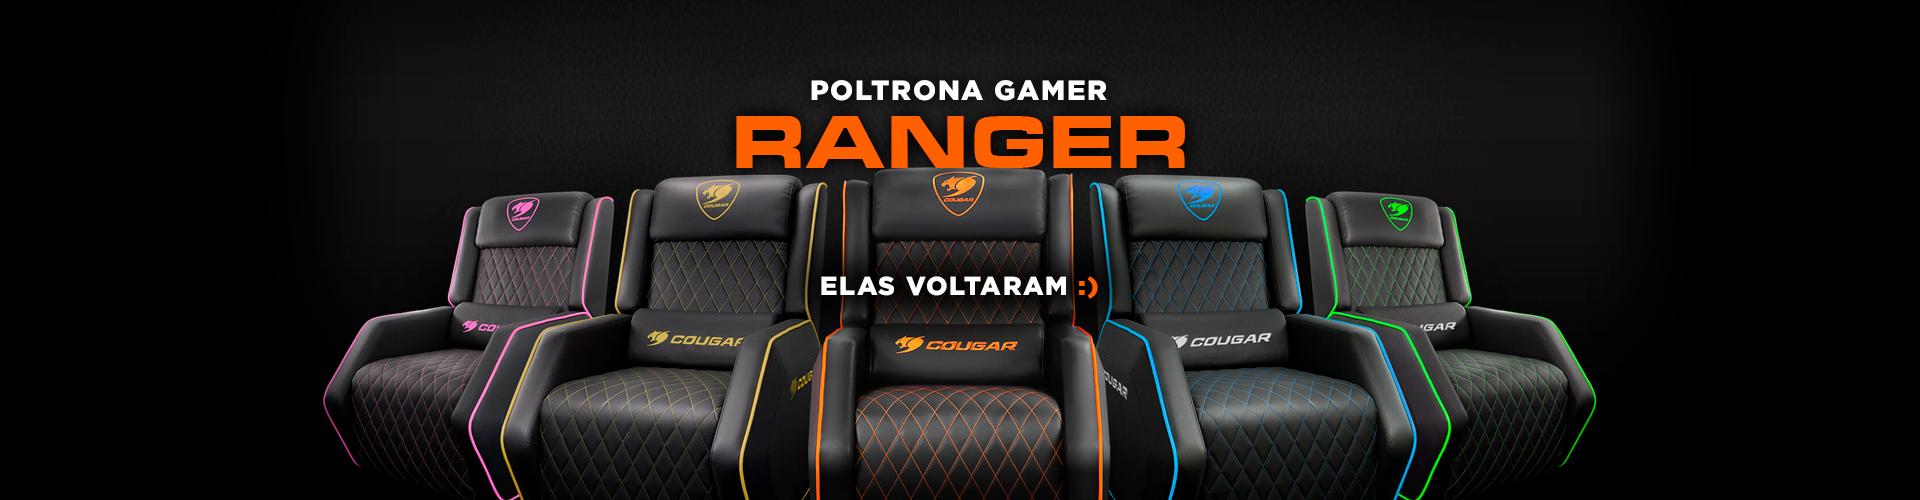 Poltrona Gamer Ranger